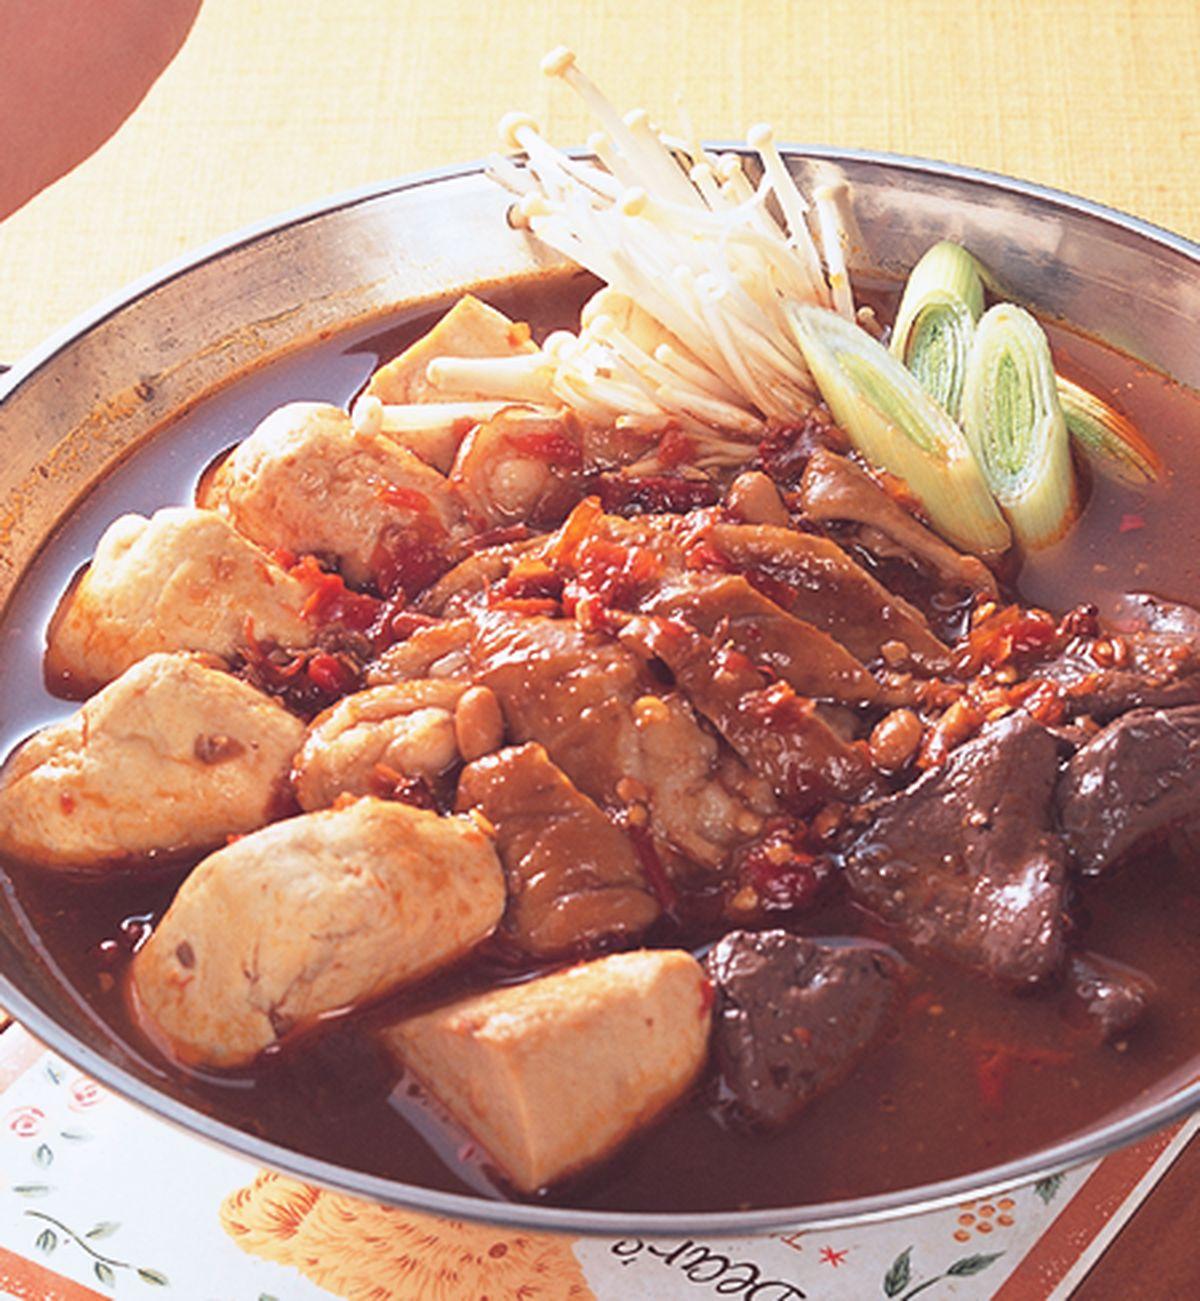 食譜:腸旺臭臭鍋(1)